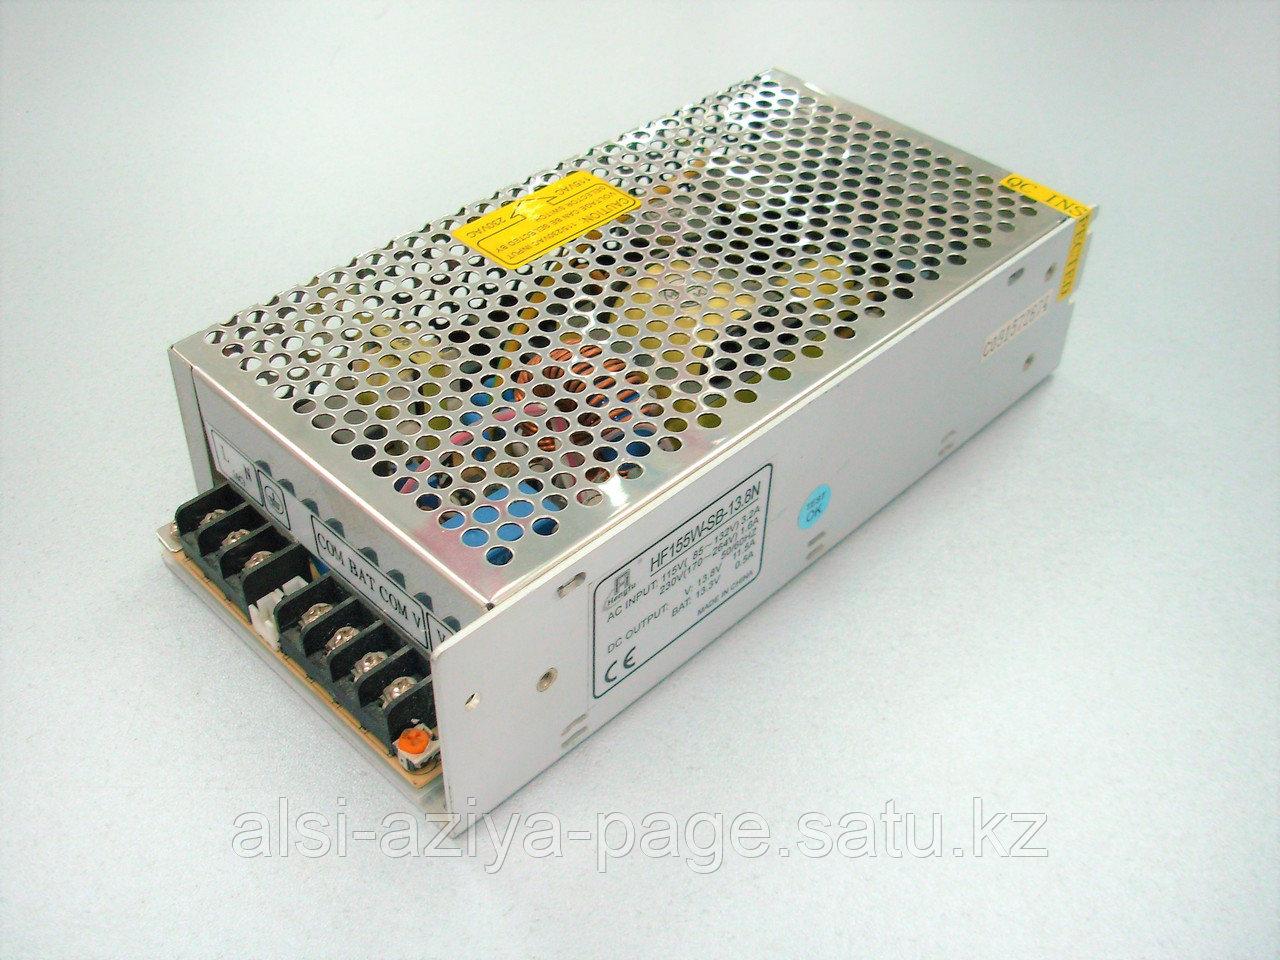 Блок питания HF155W-SB  с током 11.5A